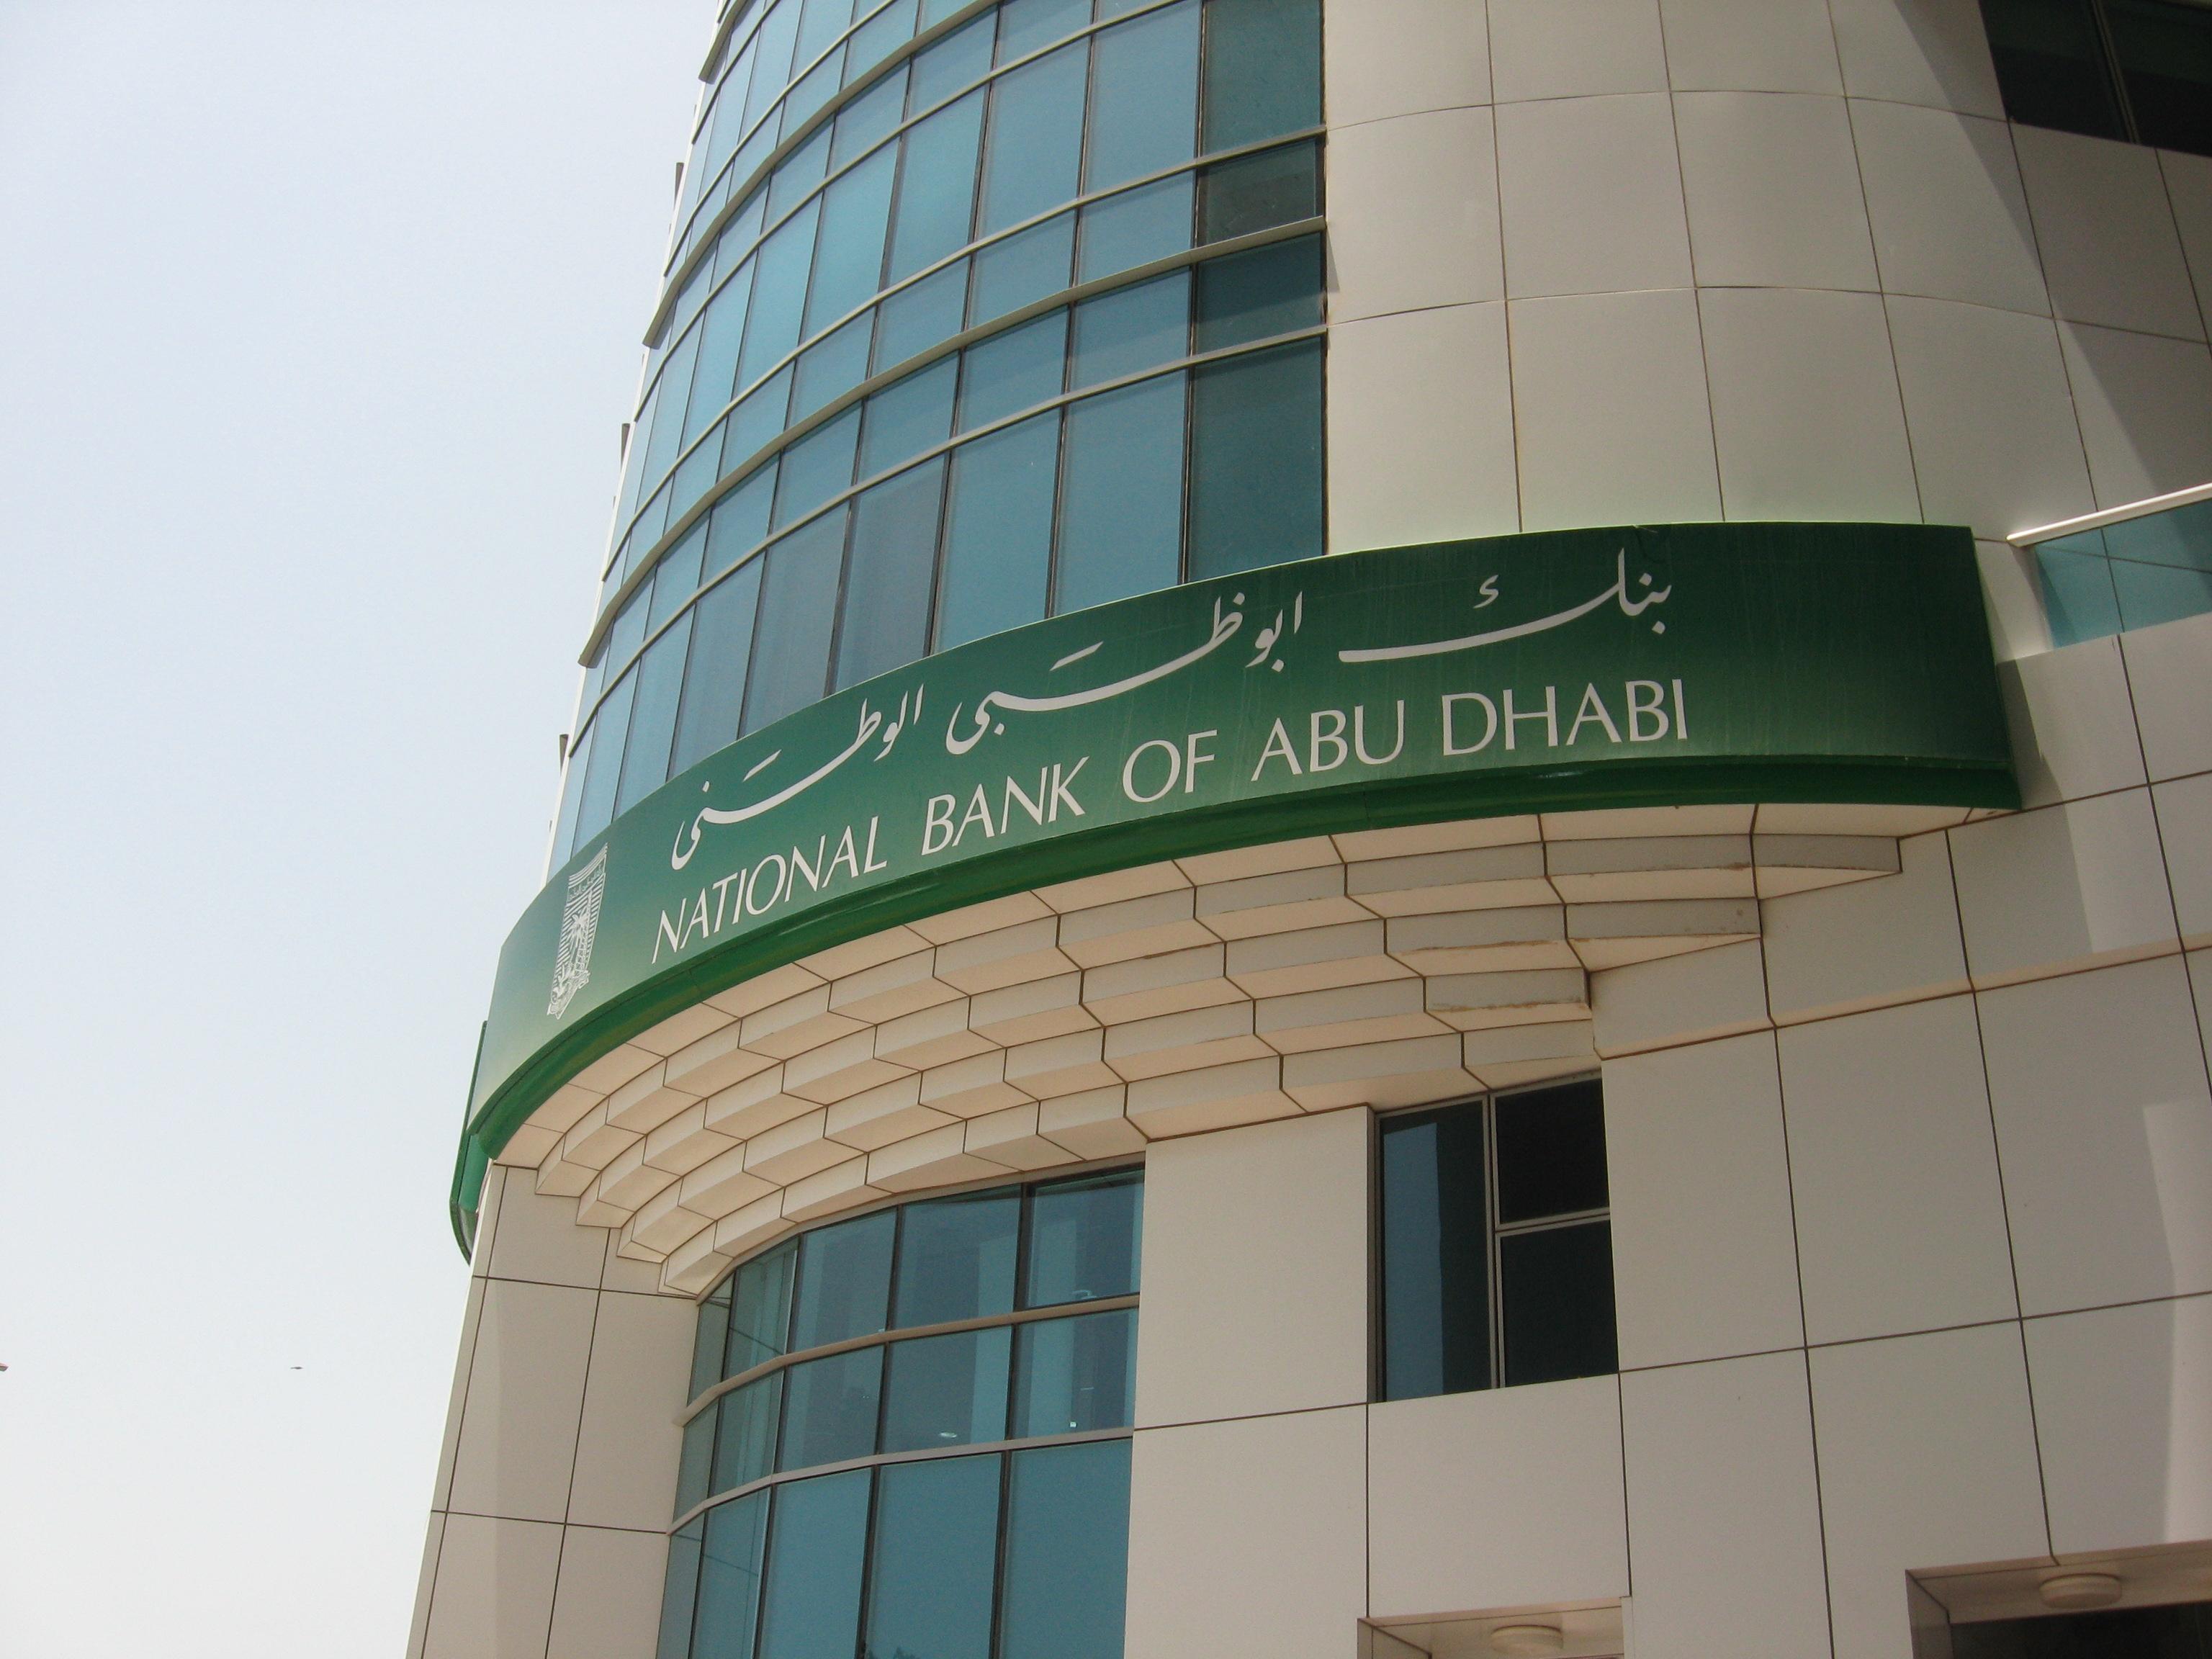 عناوين فروع بنك أبوظبي الوطني